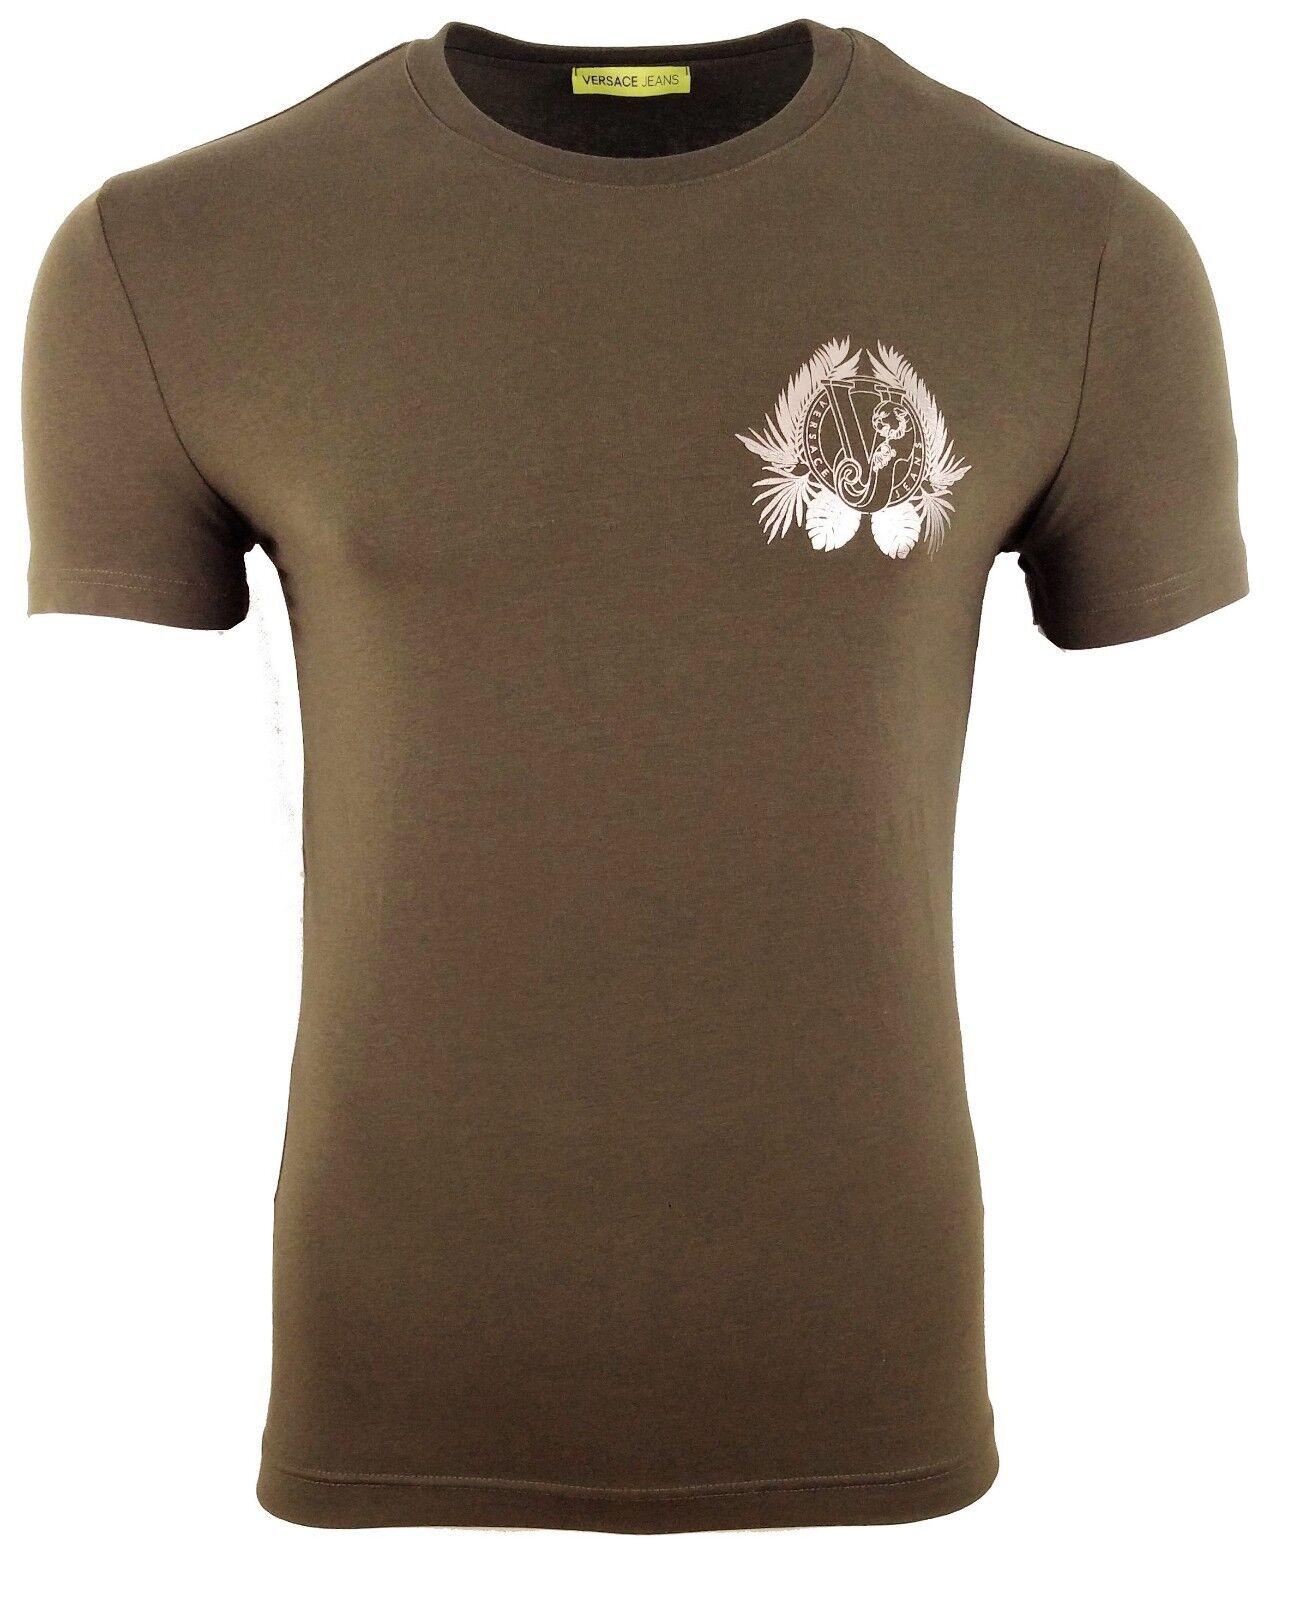 BNWT Versace Jeans verde Scuro e argentoo Lamina Stampa con logo sul petto TIGER Foglia di t-shirt